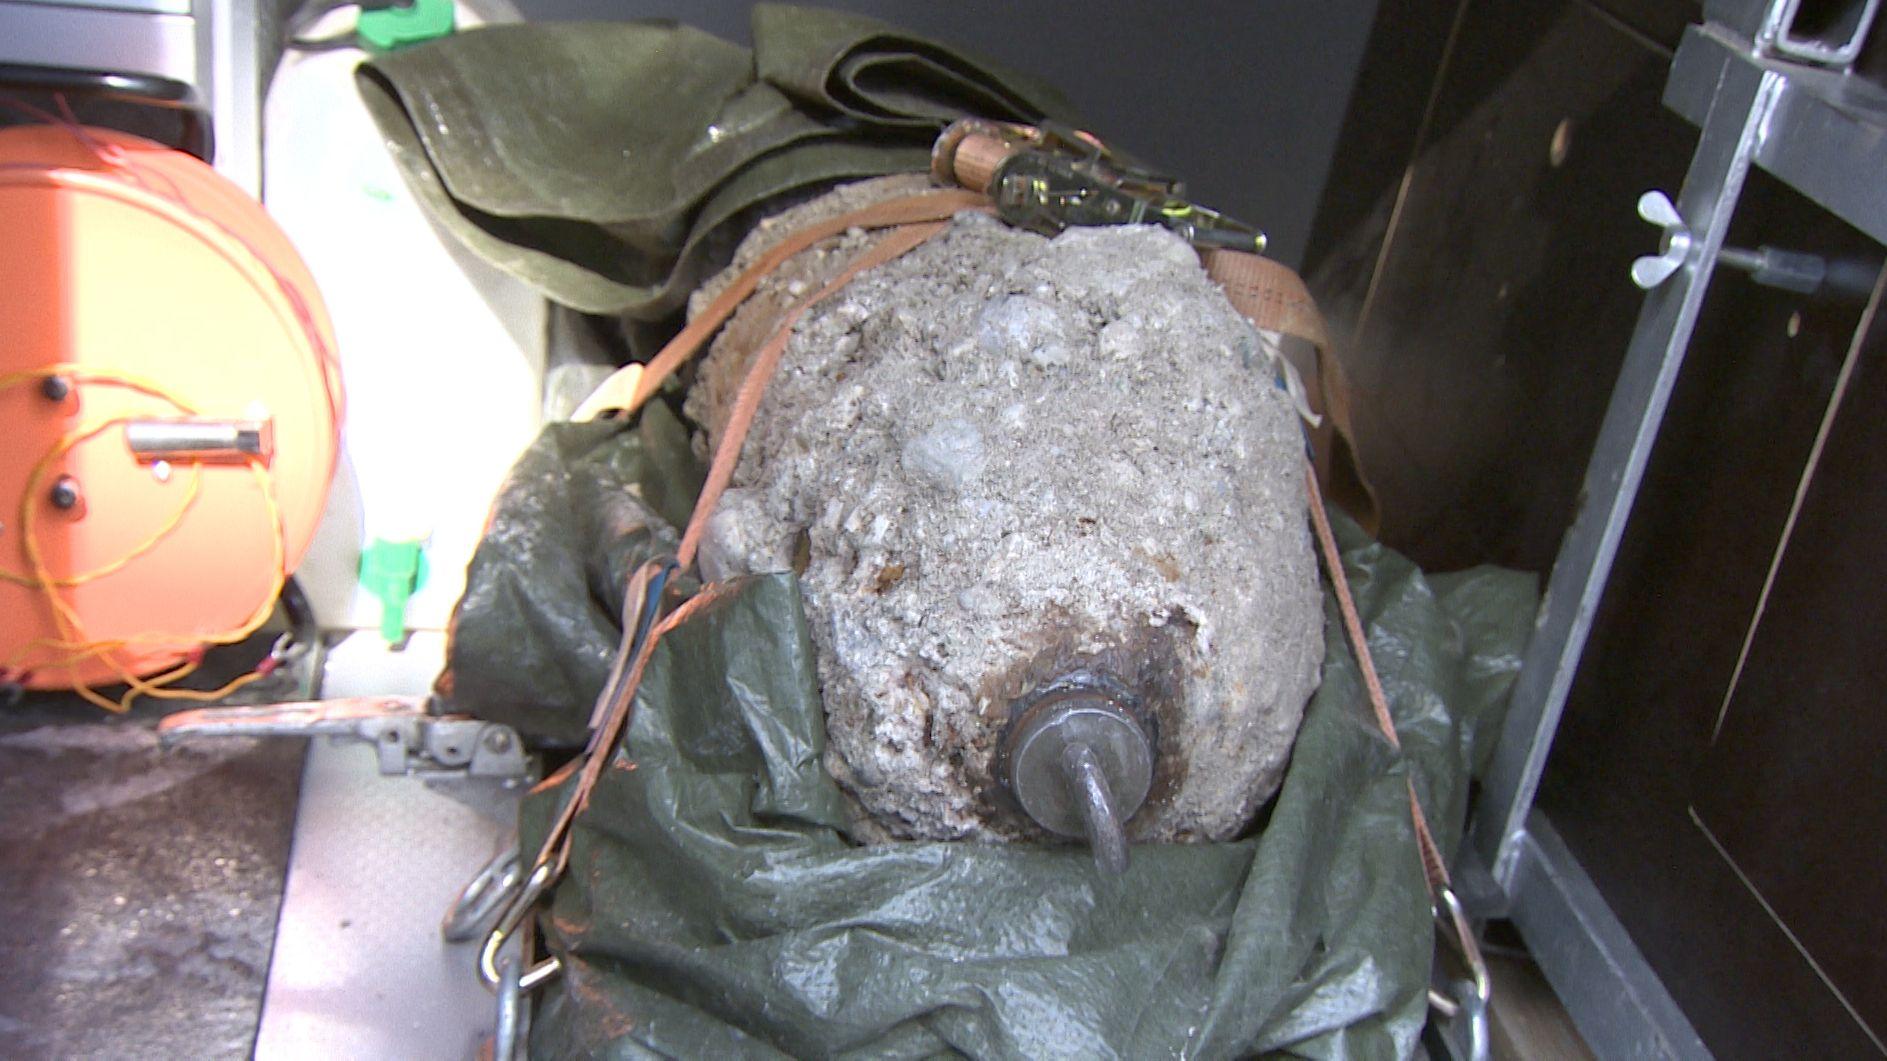 Wieder Fliegerbombe in Erding entschärft